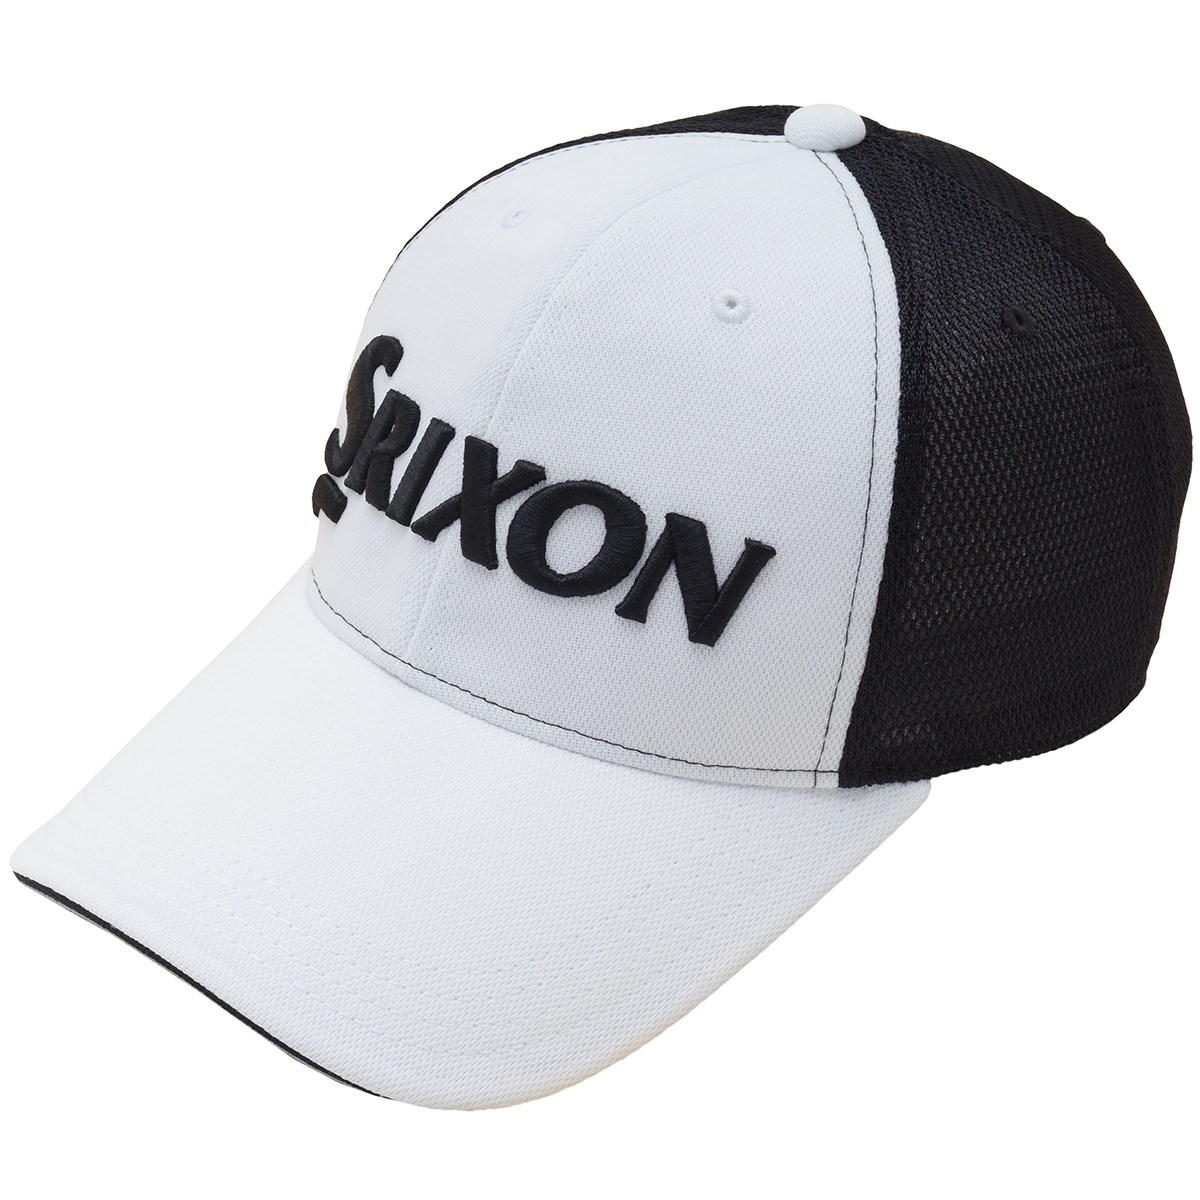 ダンロップ SRIXON メッシュキャップ フリー ホワイト/ブラック